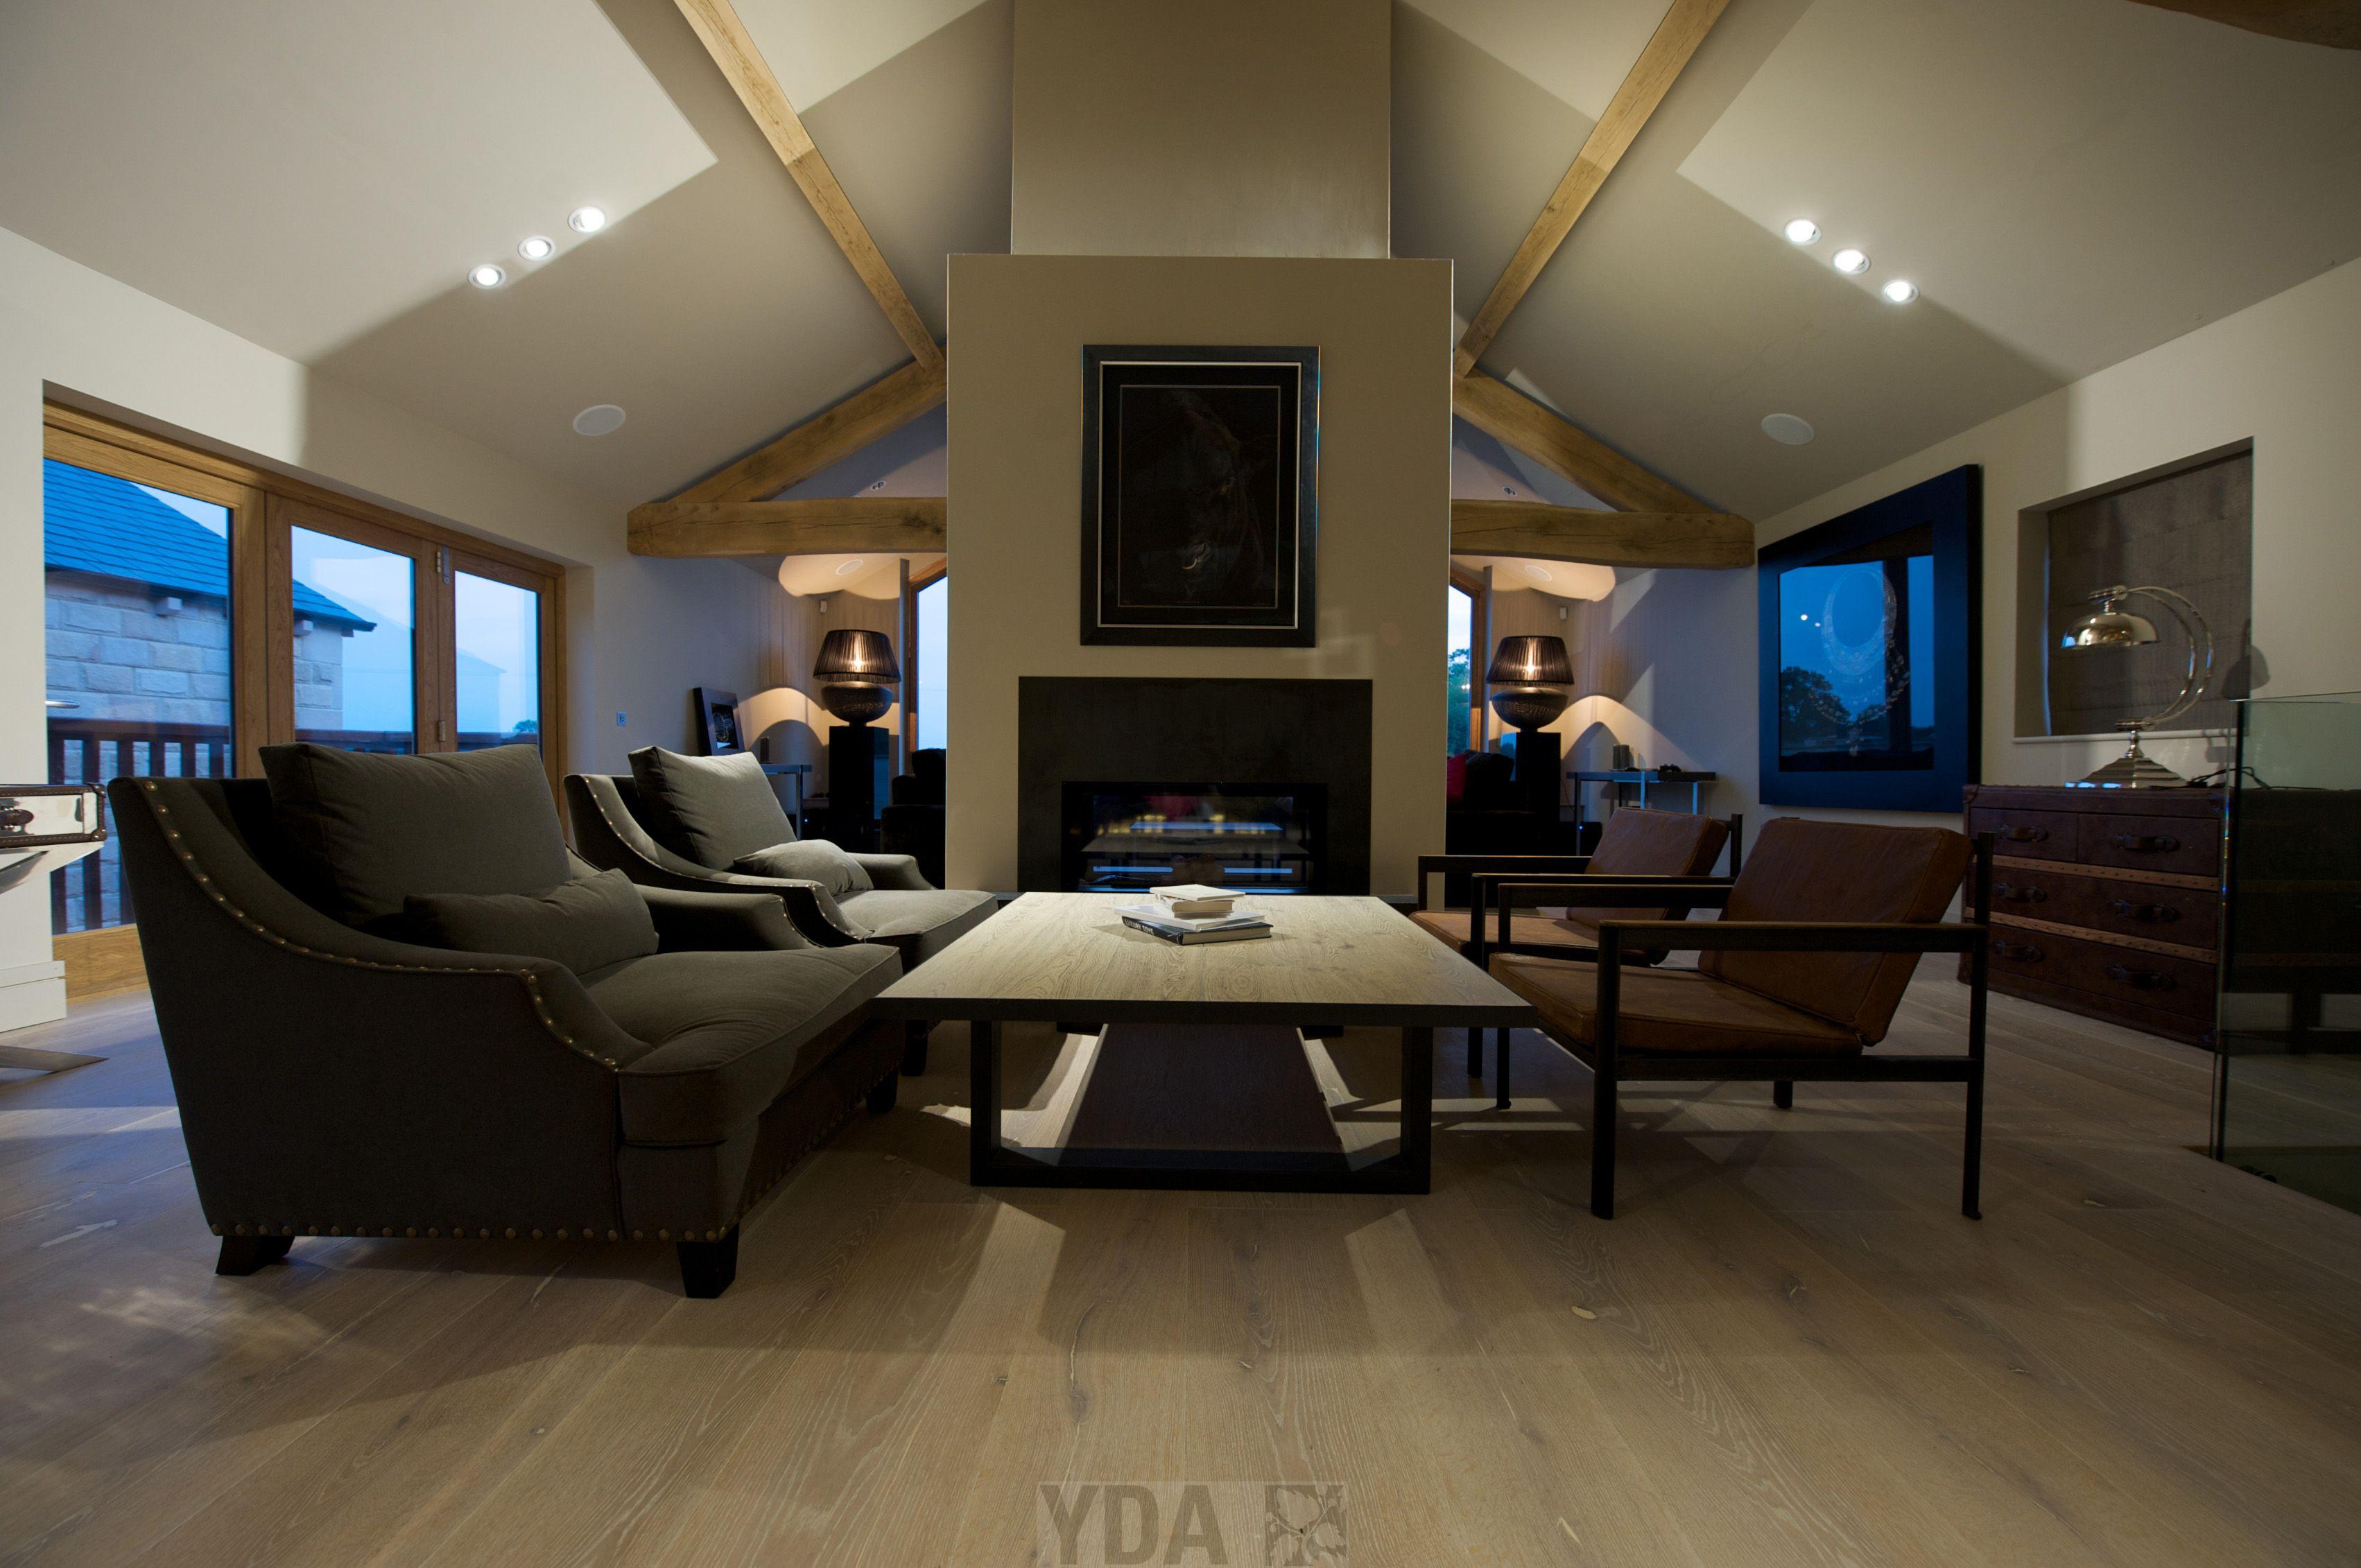 Yda interior design project on a barn conversion